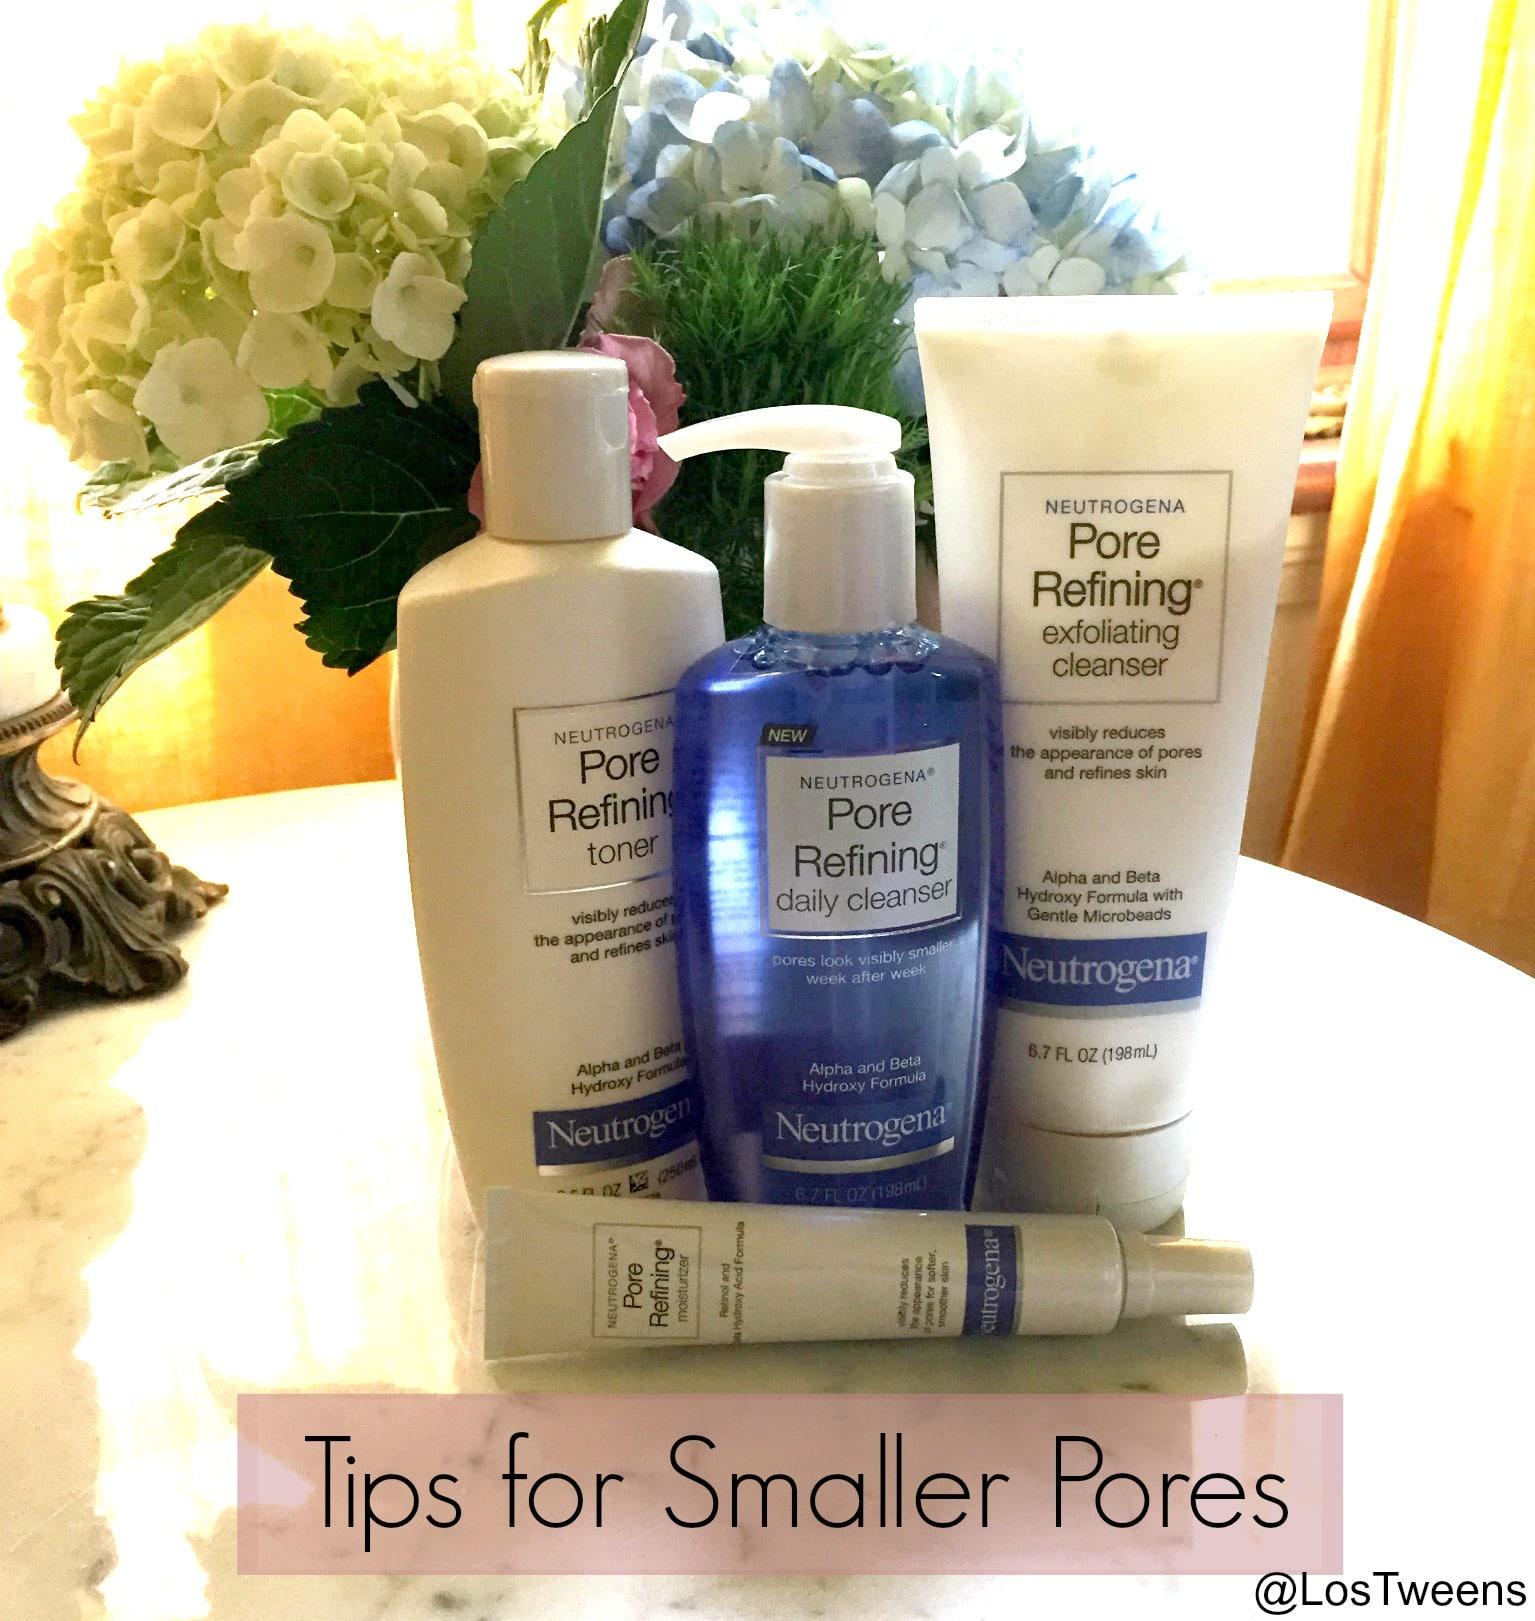 Tips for Smaller Pores